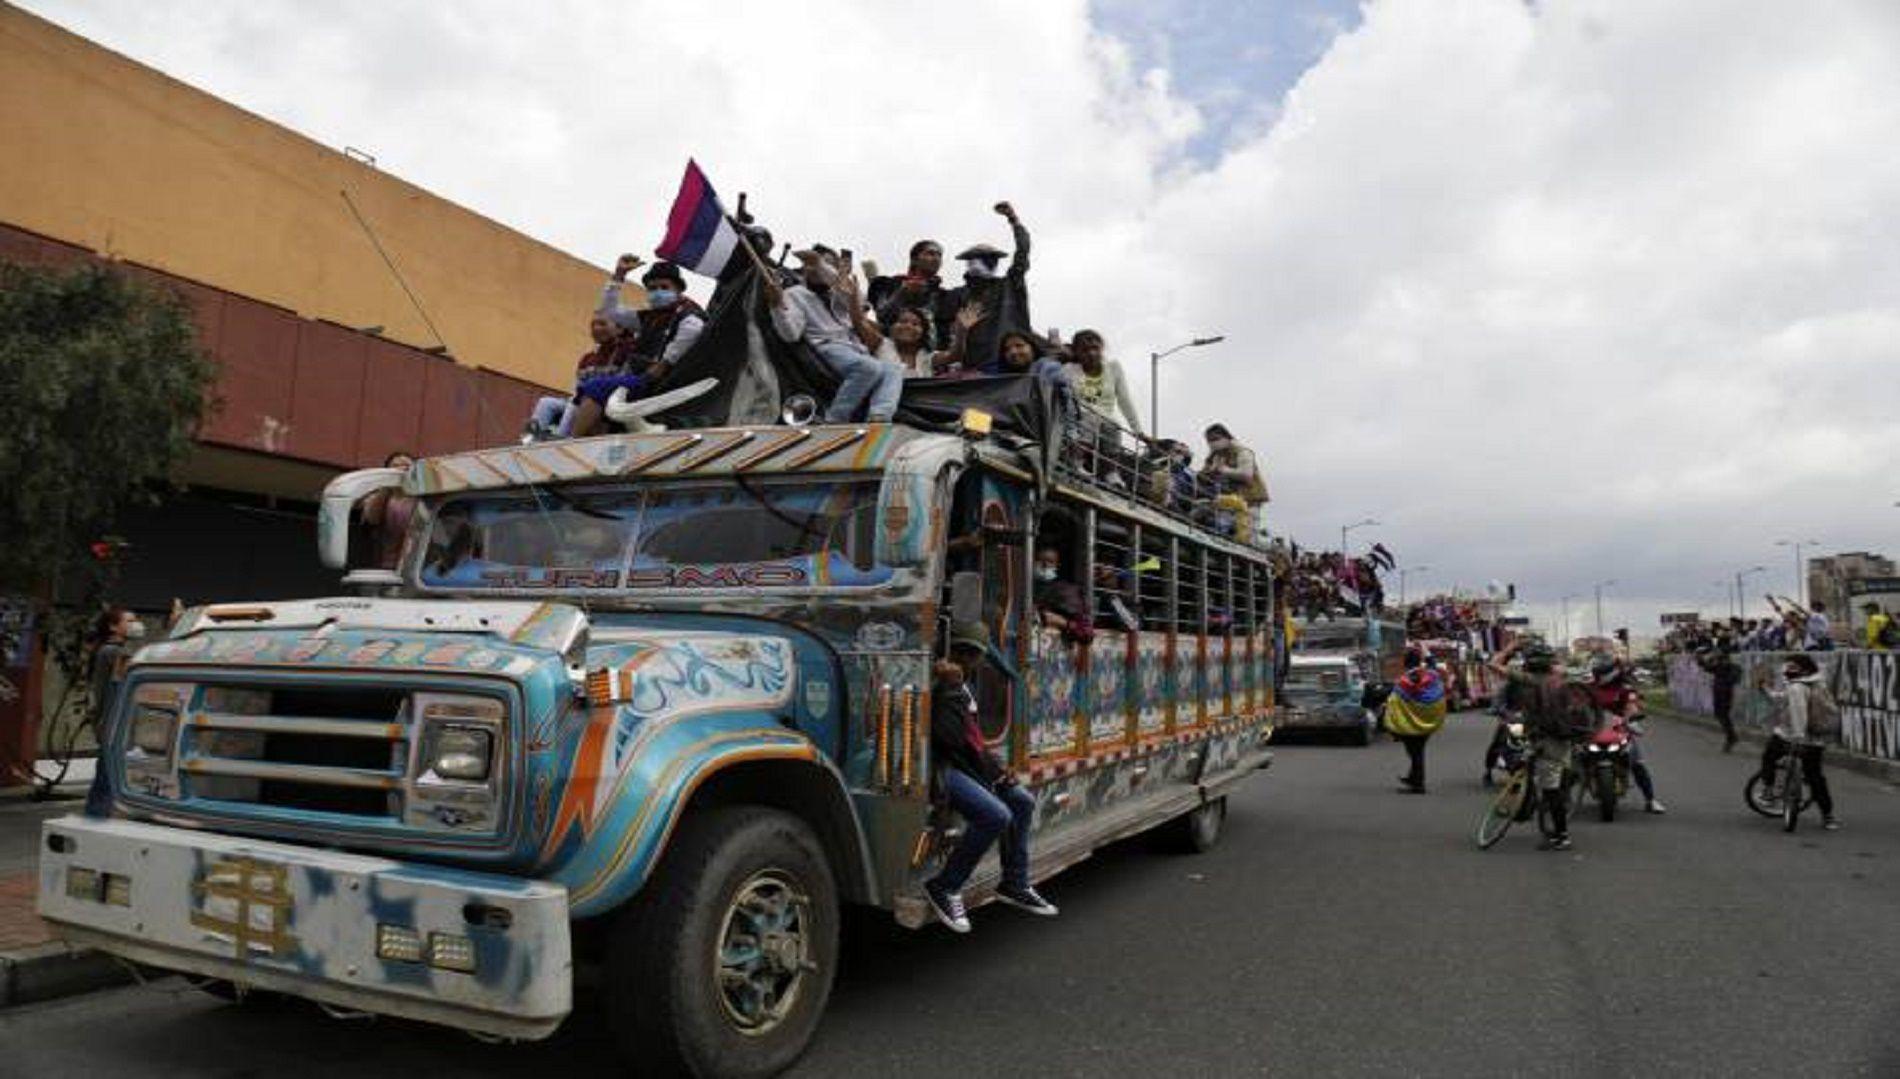 Minga arribará a Bucaramanga para promover diálogo con distintos actores sociales